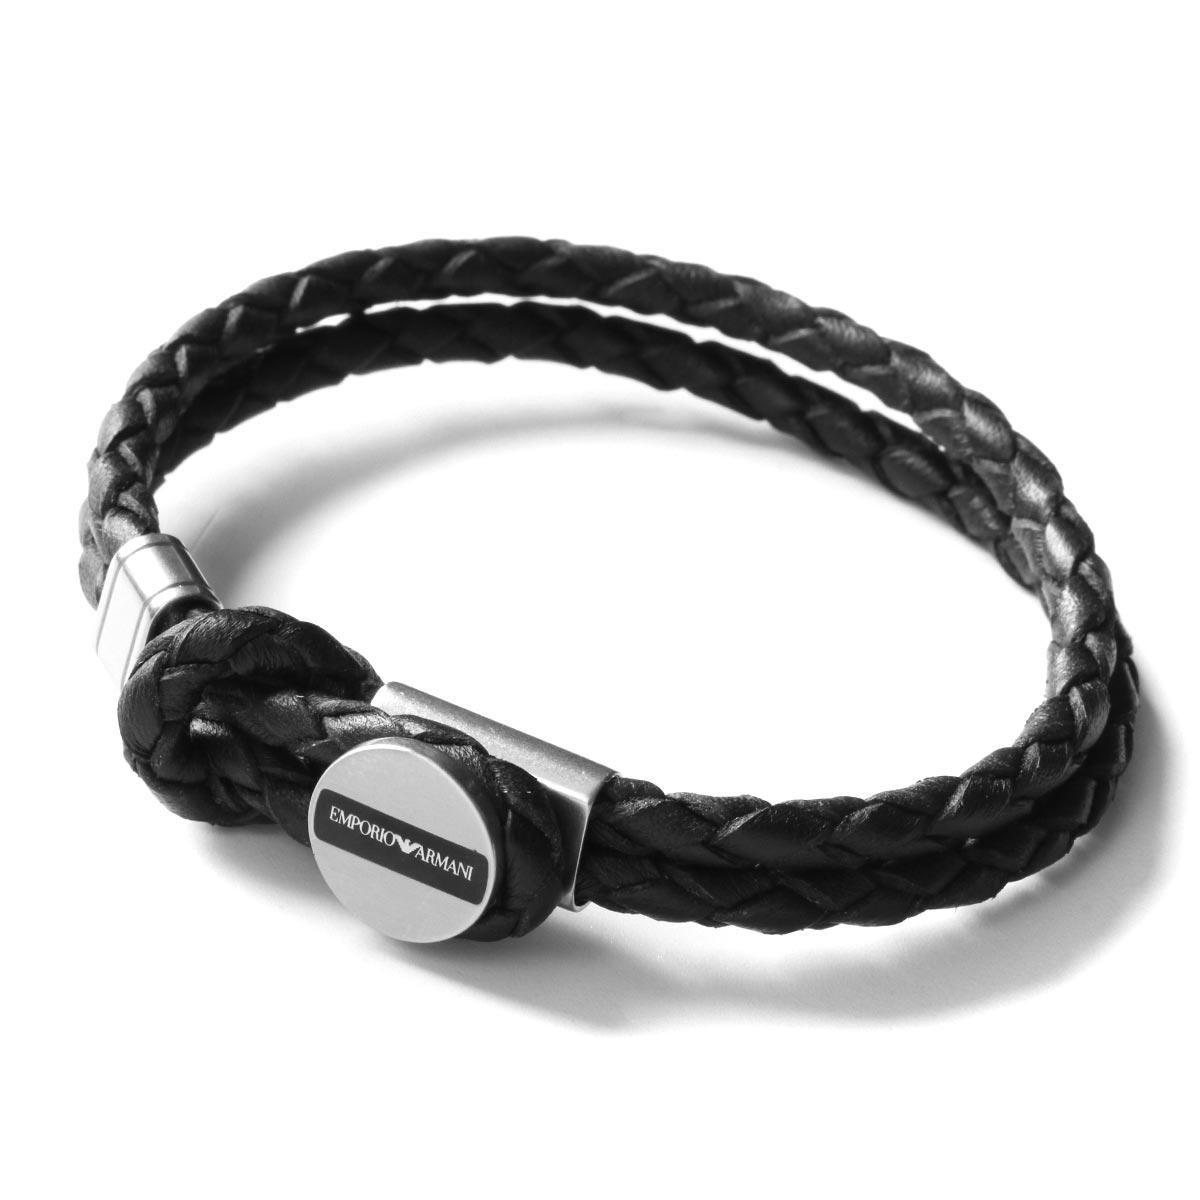 エンポリオアルマーニ ブレスレット アクセサリー メンズ イーグルマーク シルバー&ブラック EGS2178040 EMPORIO ARMANI